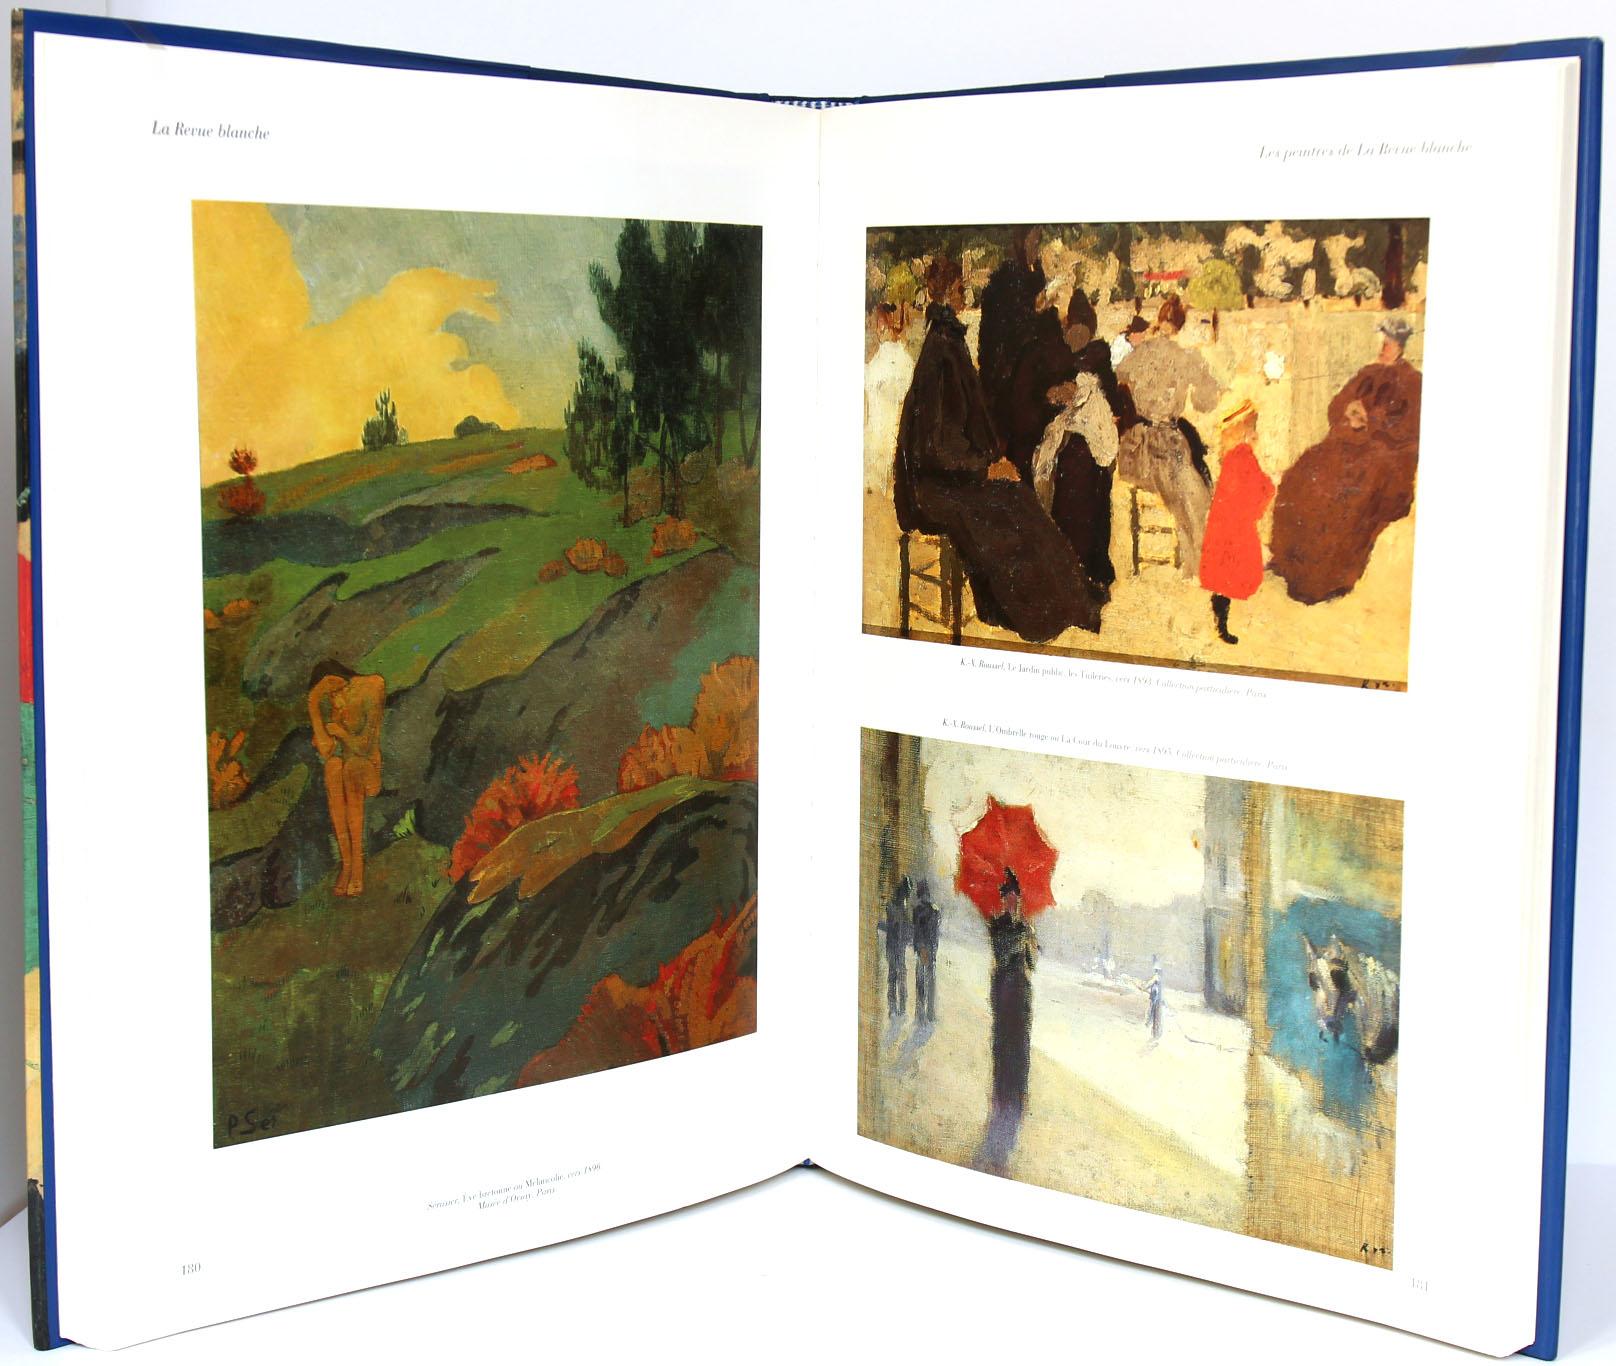 La Revue blanche. Pages intérieures. Livre d'occasion. 1991.